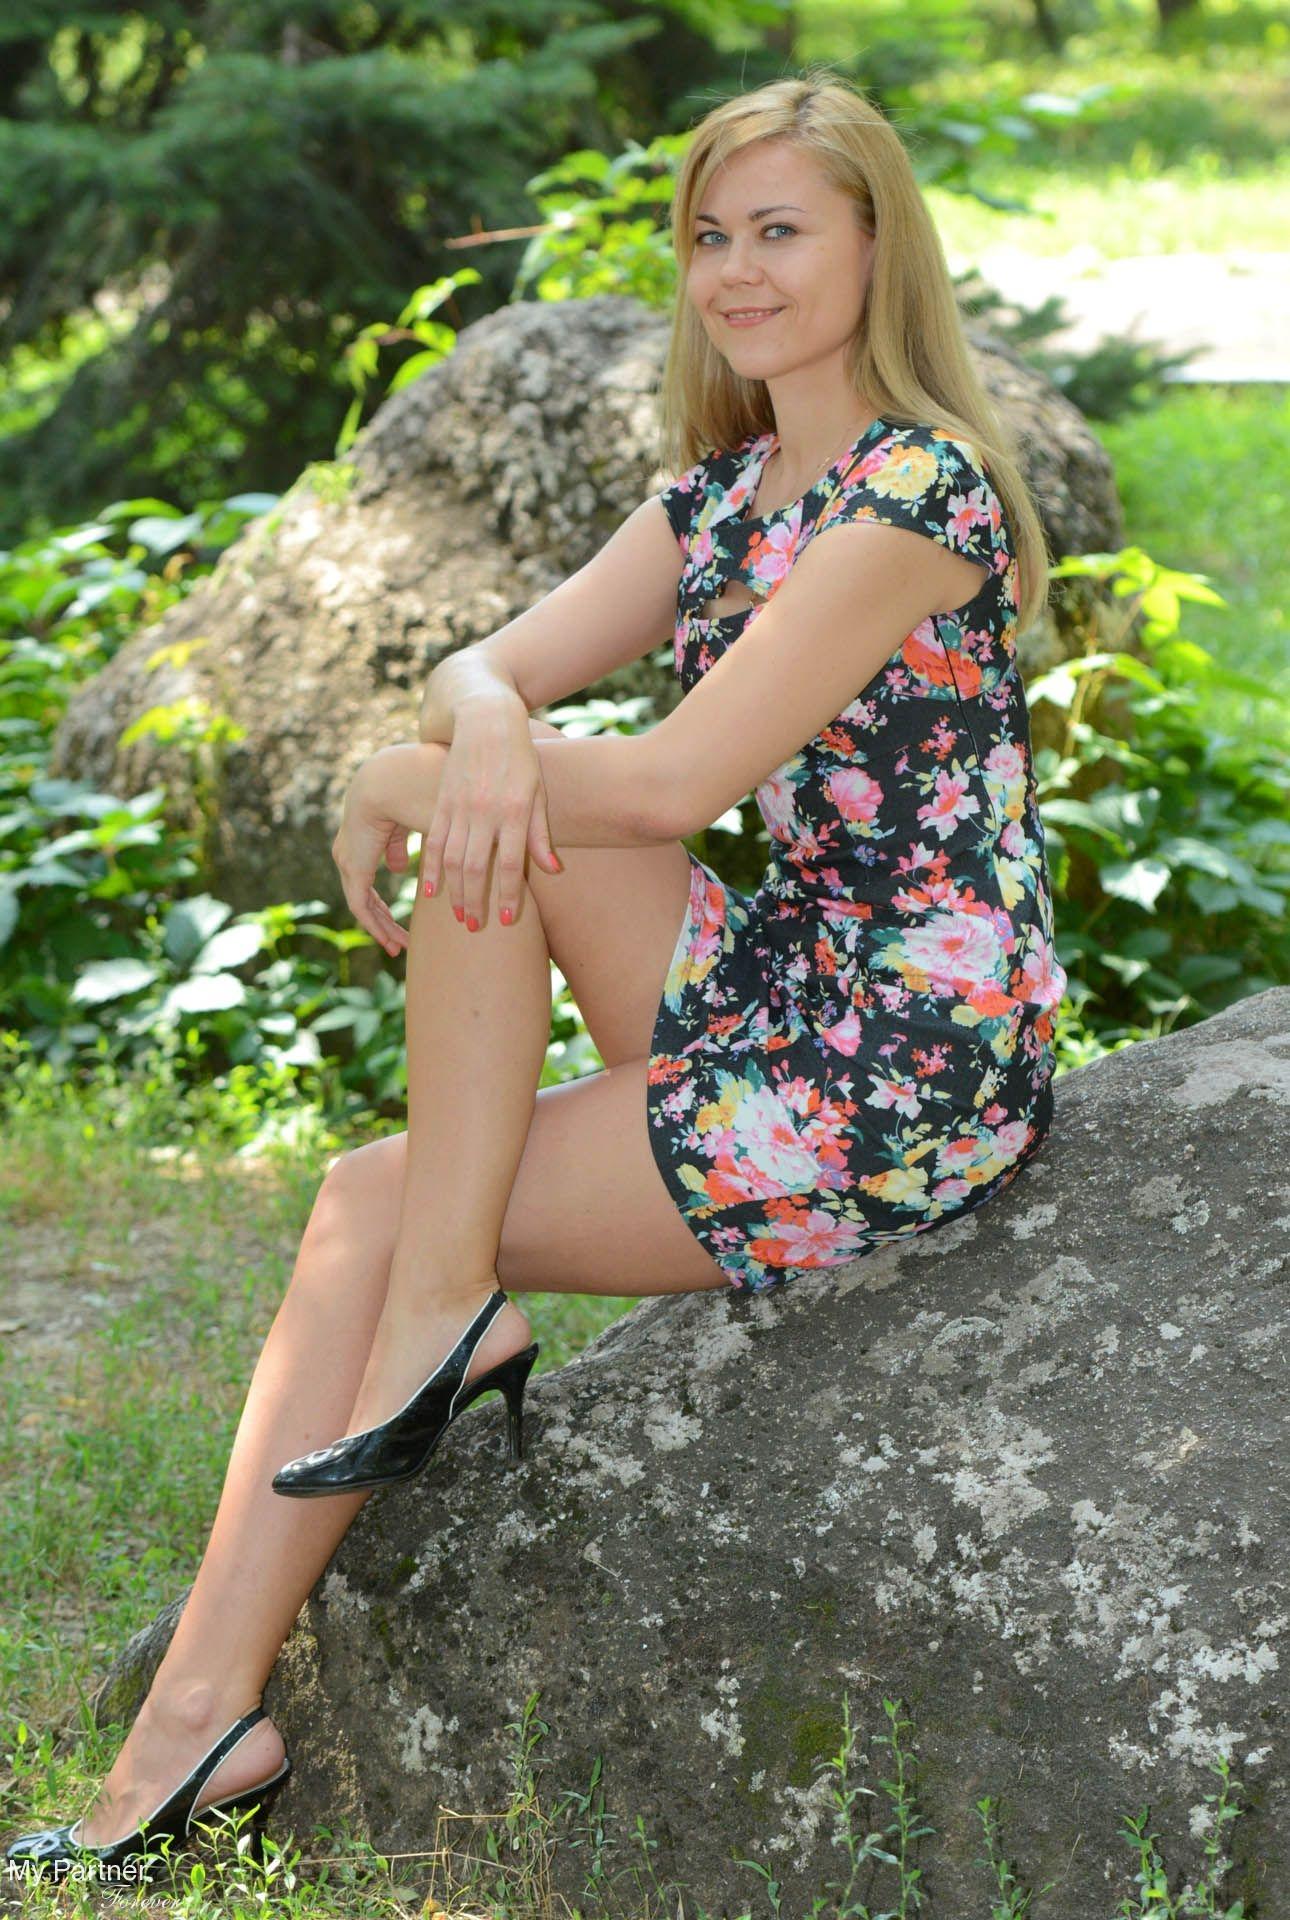 Divorced Married Woman Seeking Man In Toronto